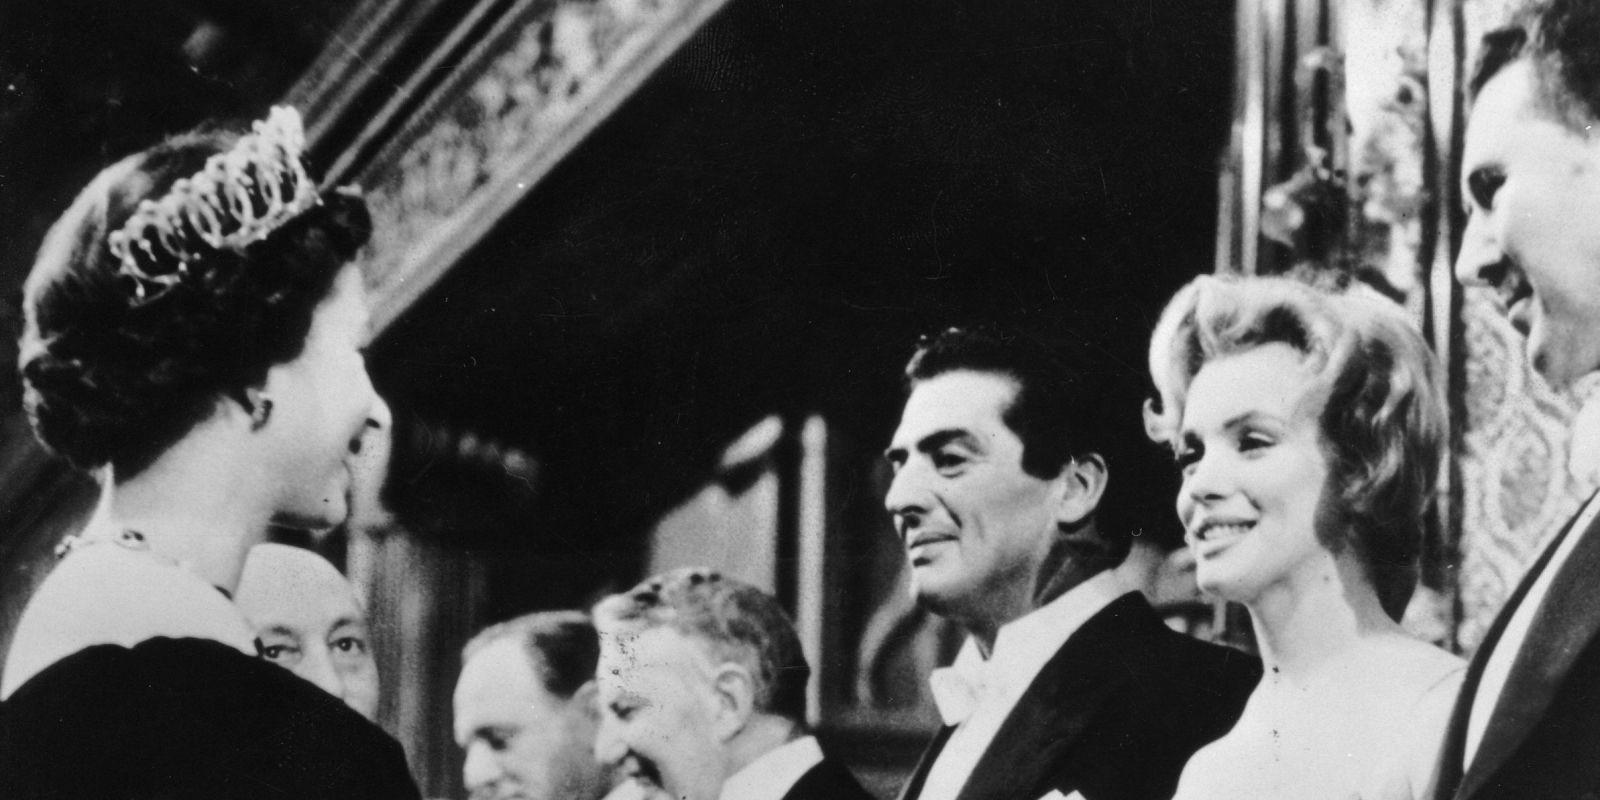 Rare Footage Of Marilyn Monroe Meeting Queen Elizabeth In